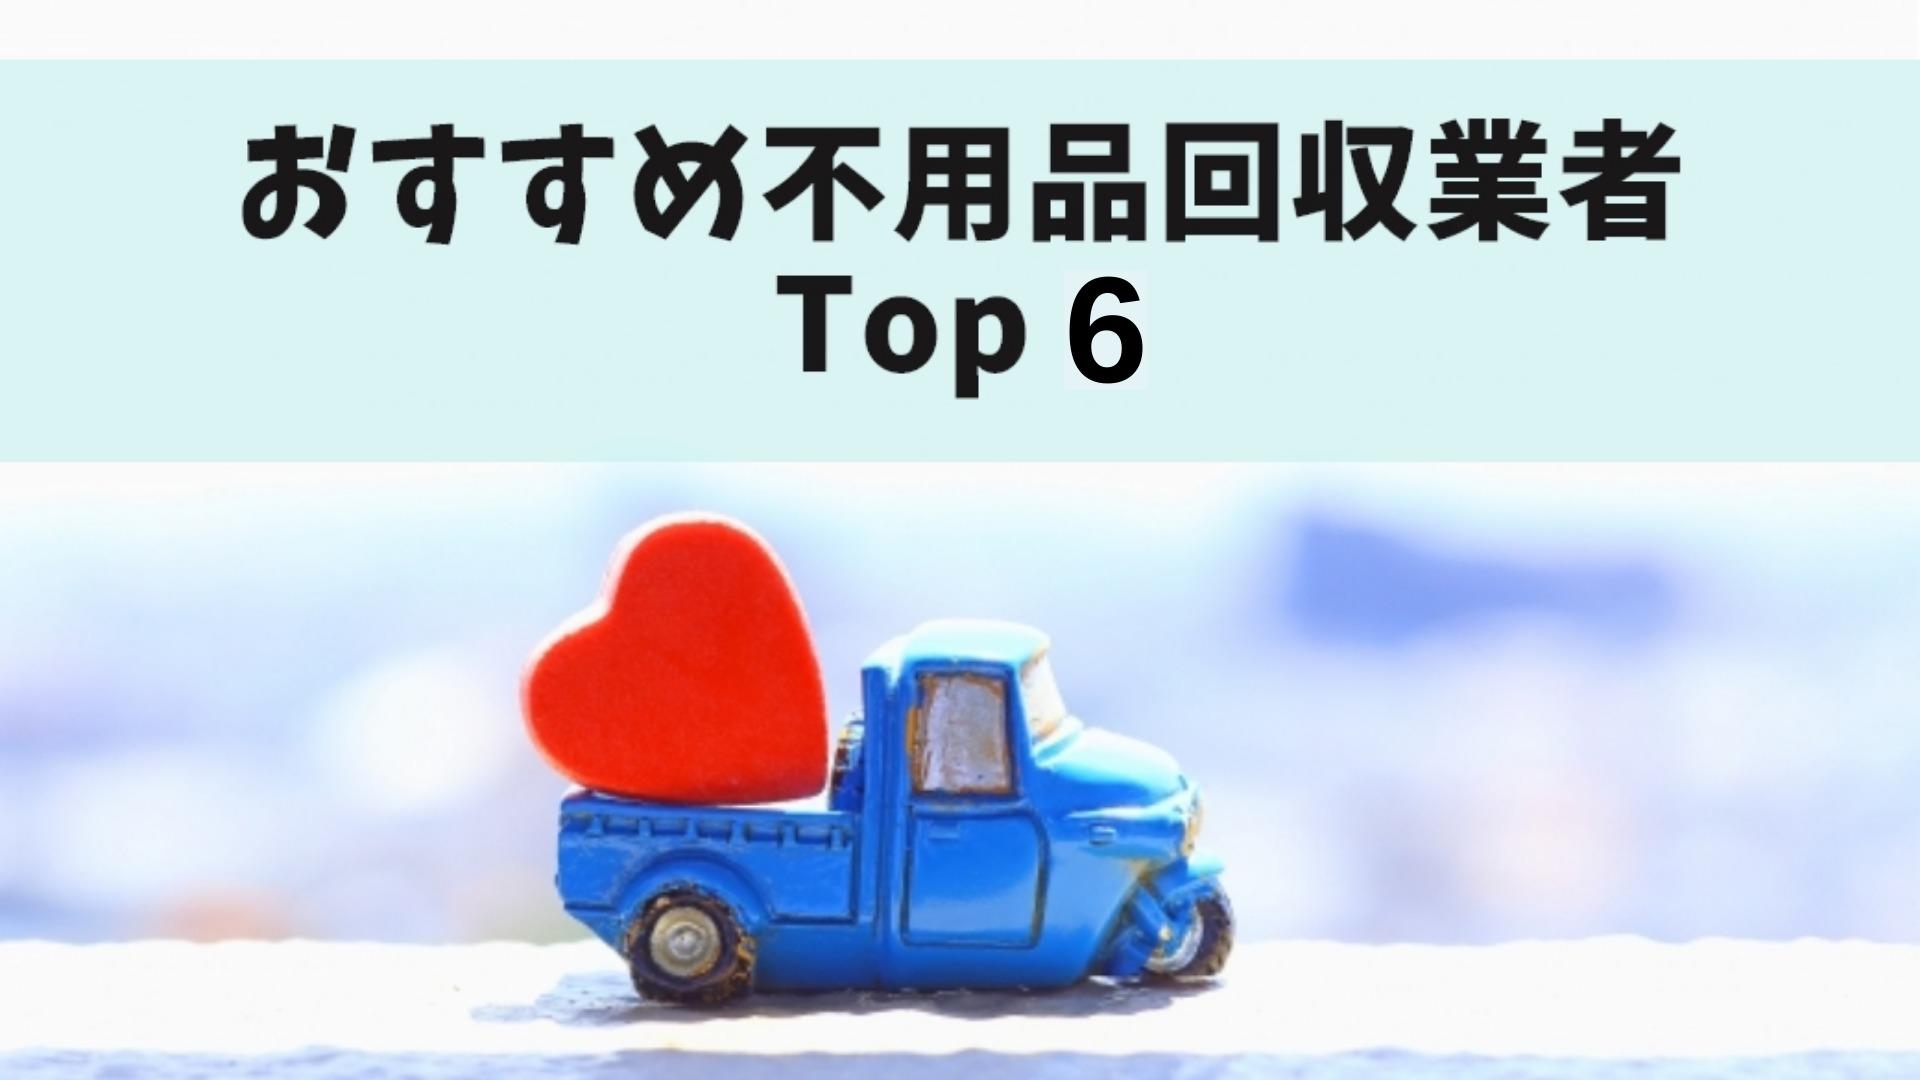 おすすめ不用品回収業者Top6